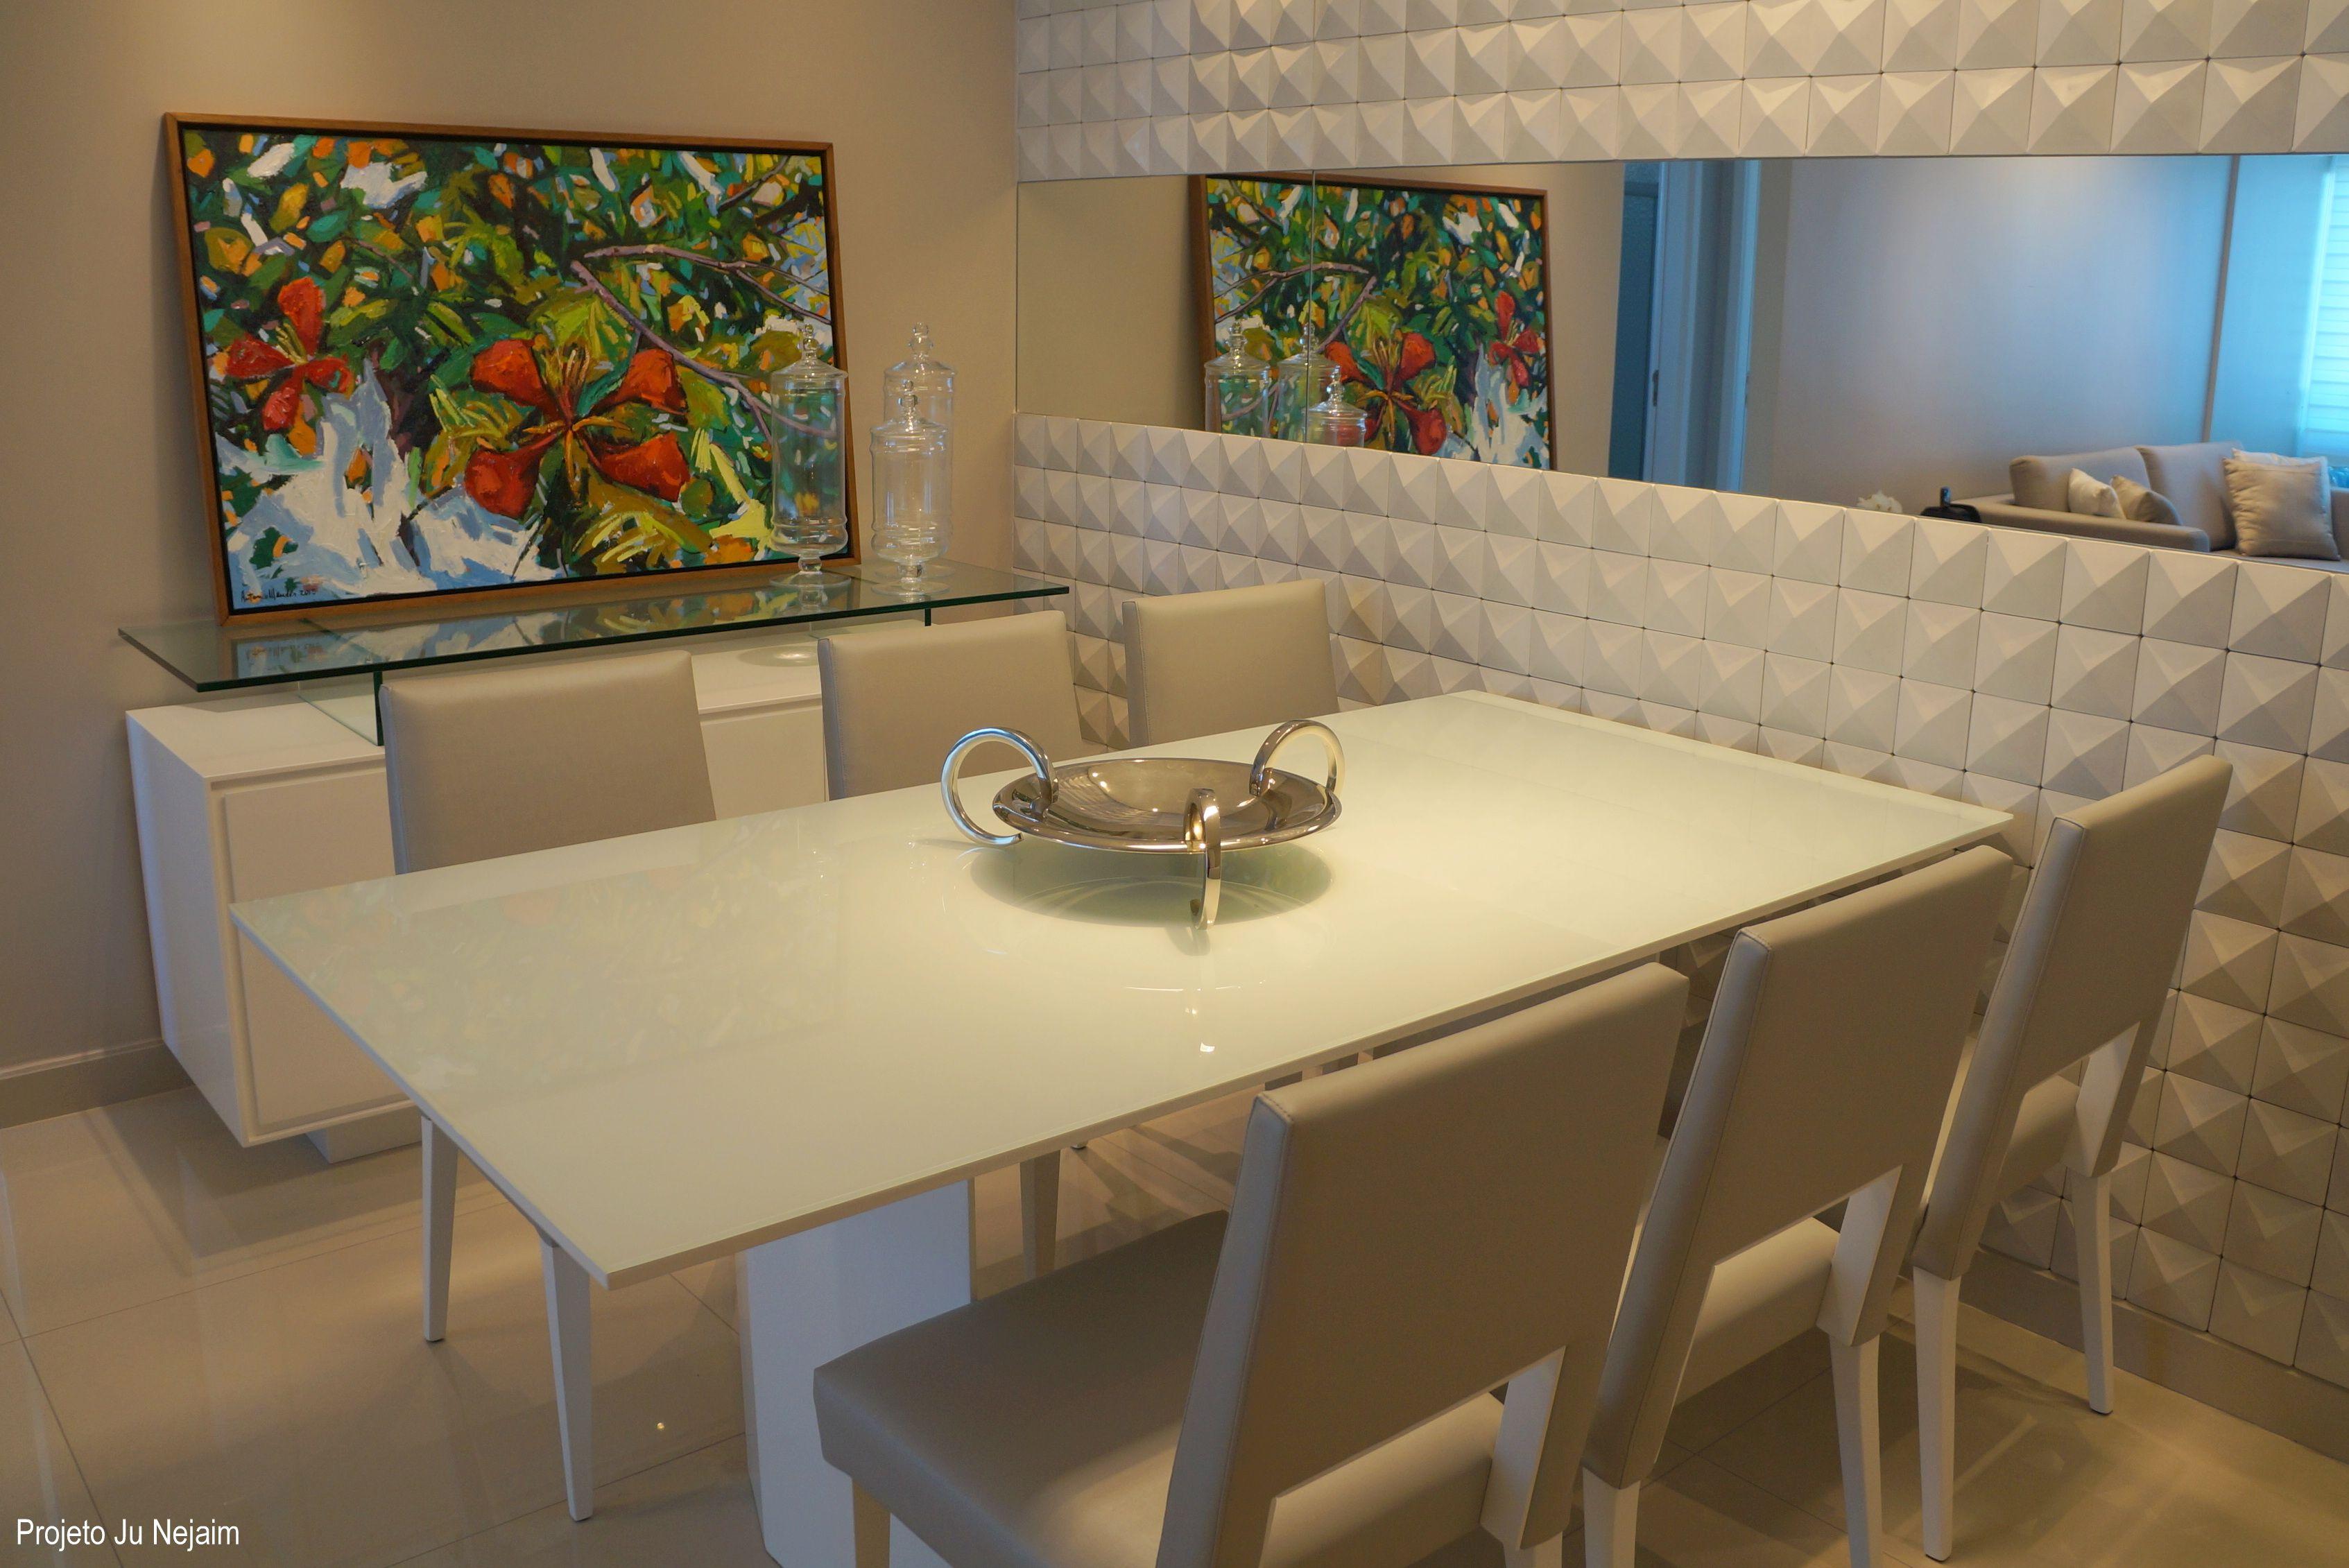 Sala De Jantar Com Parede Em Pedra 3d E Espelho Para Dar Amplitude  -> Sala De Jantar Pequena Com Espelho Na Parede